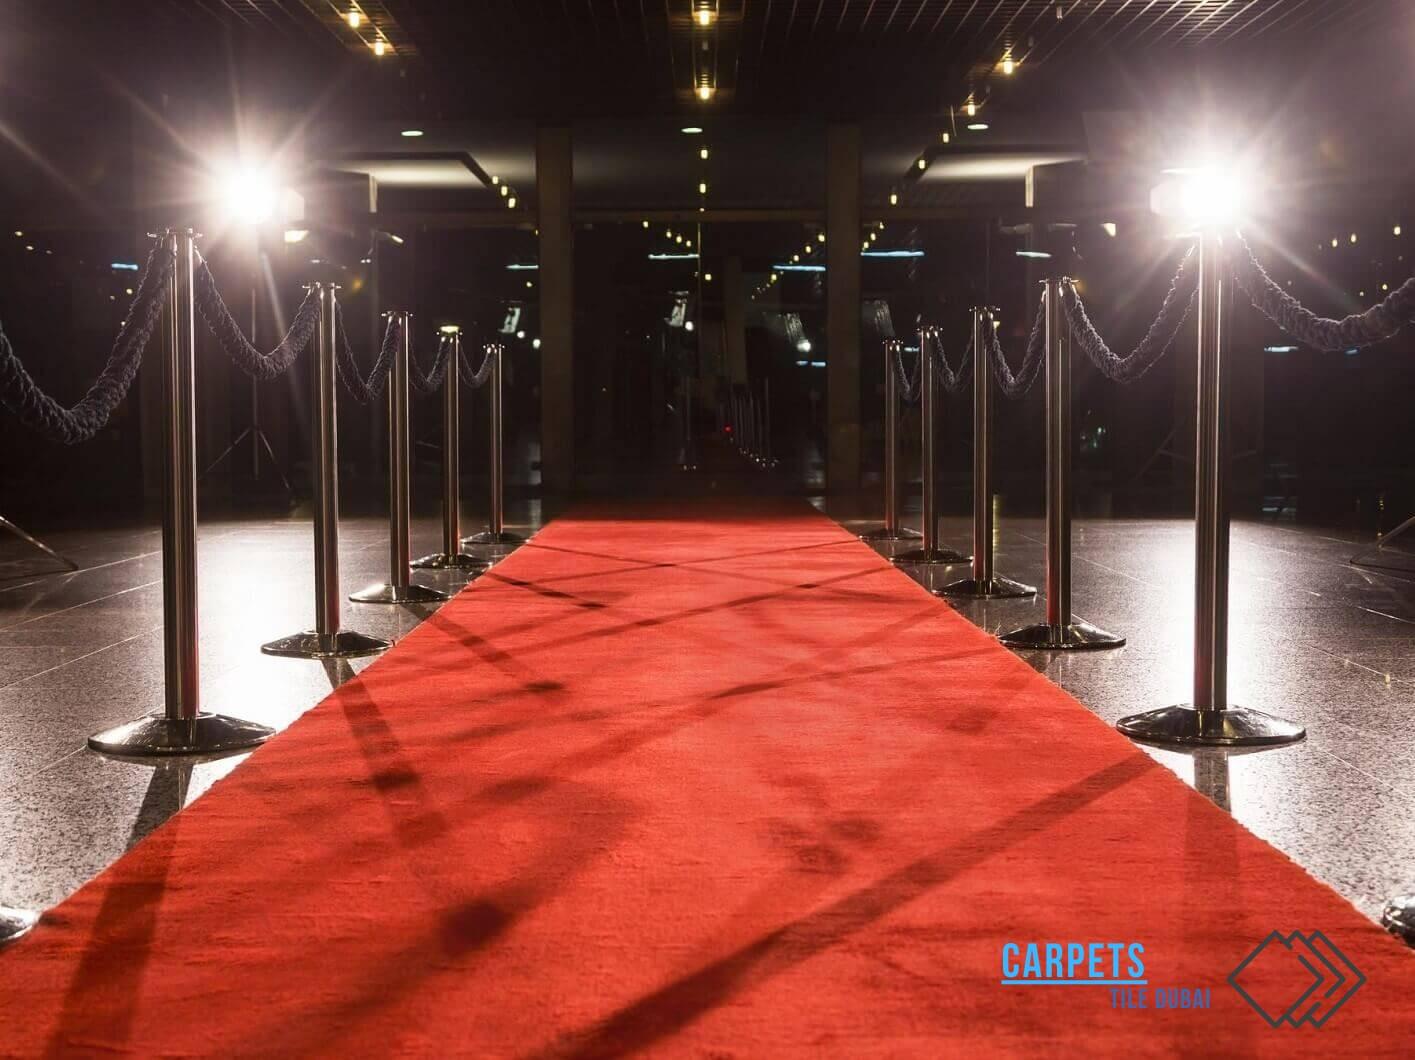 Red Carpets Dubai Price